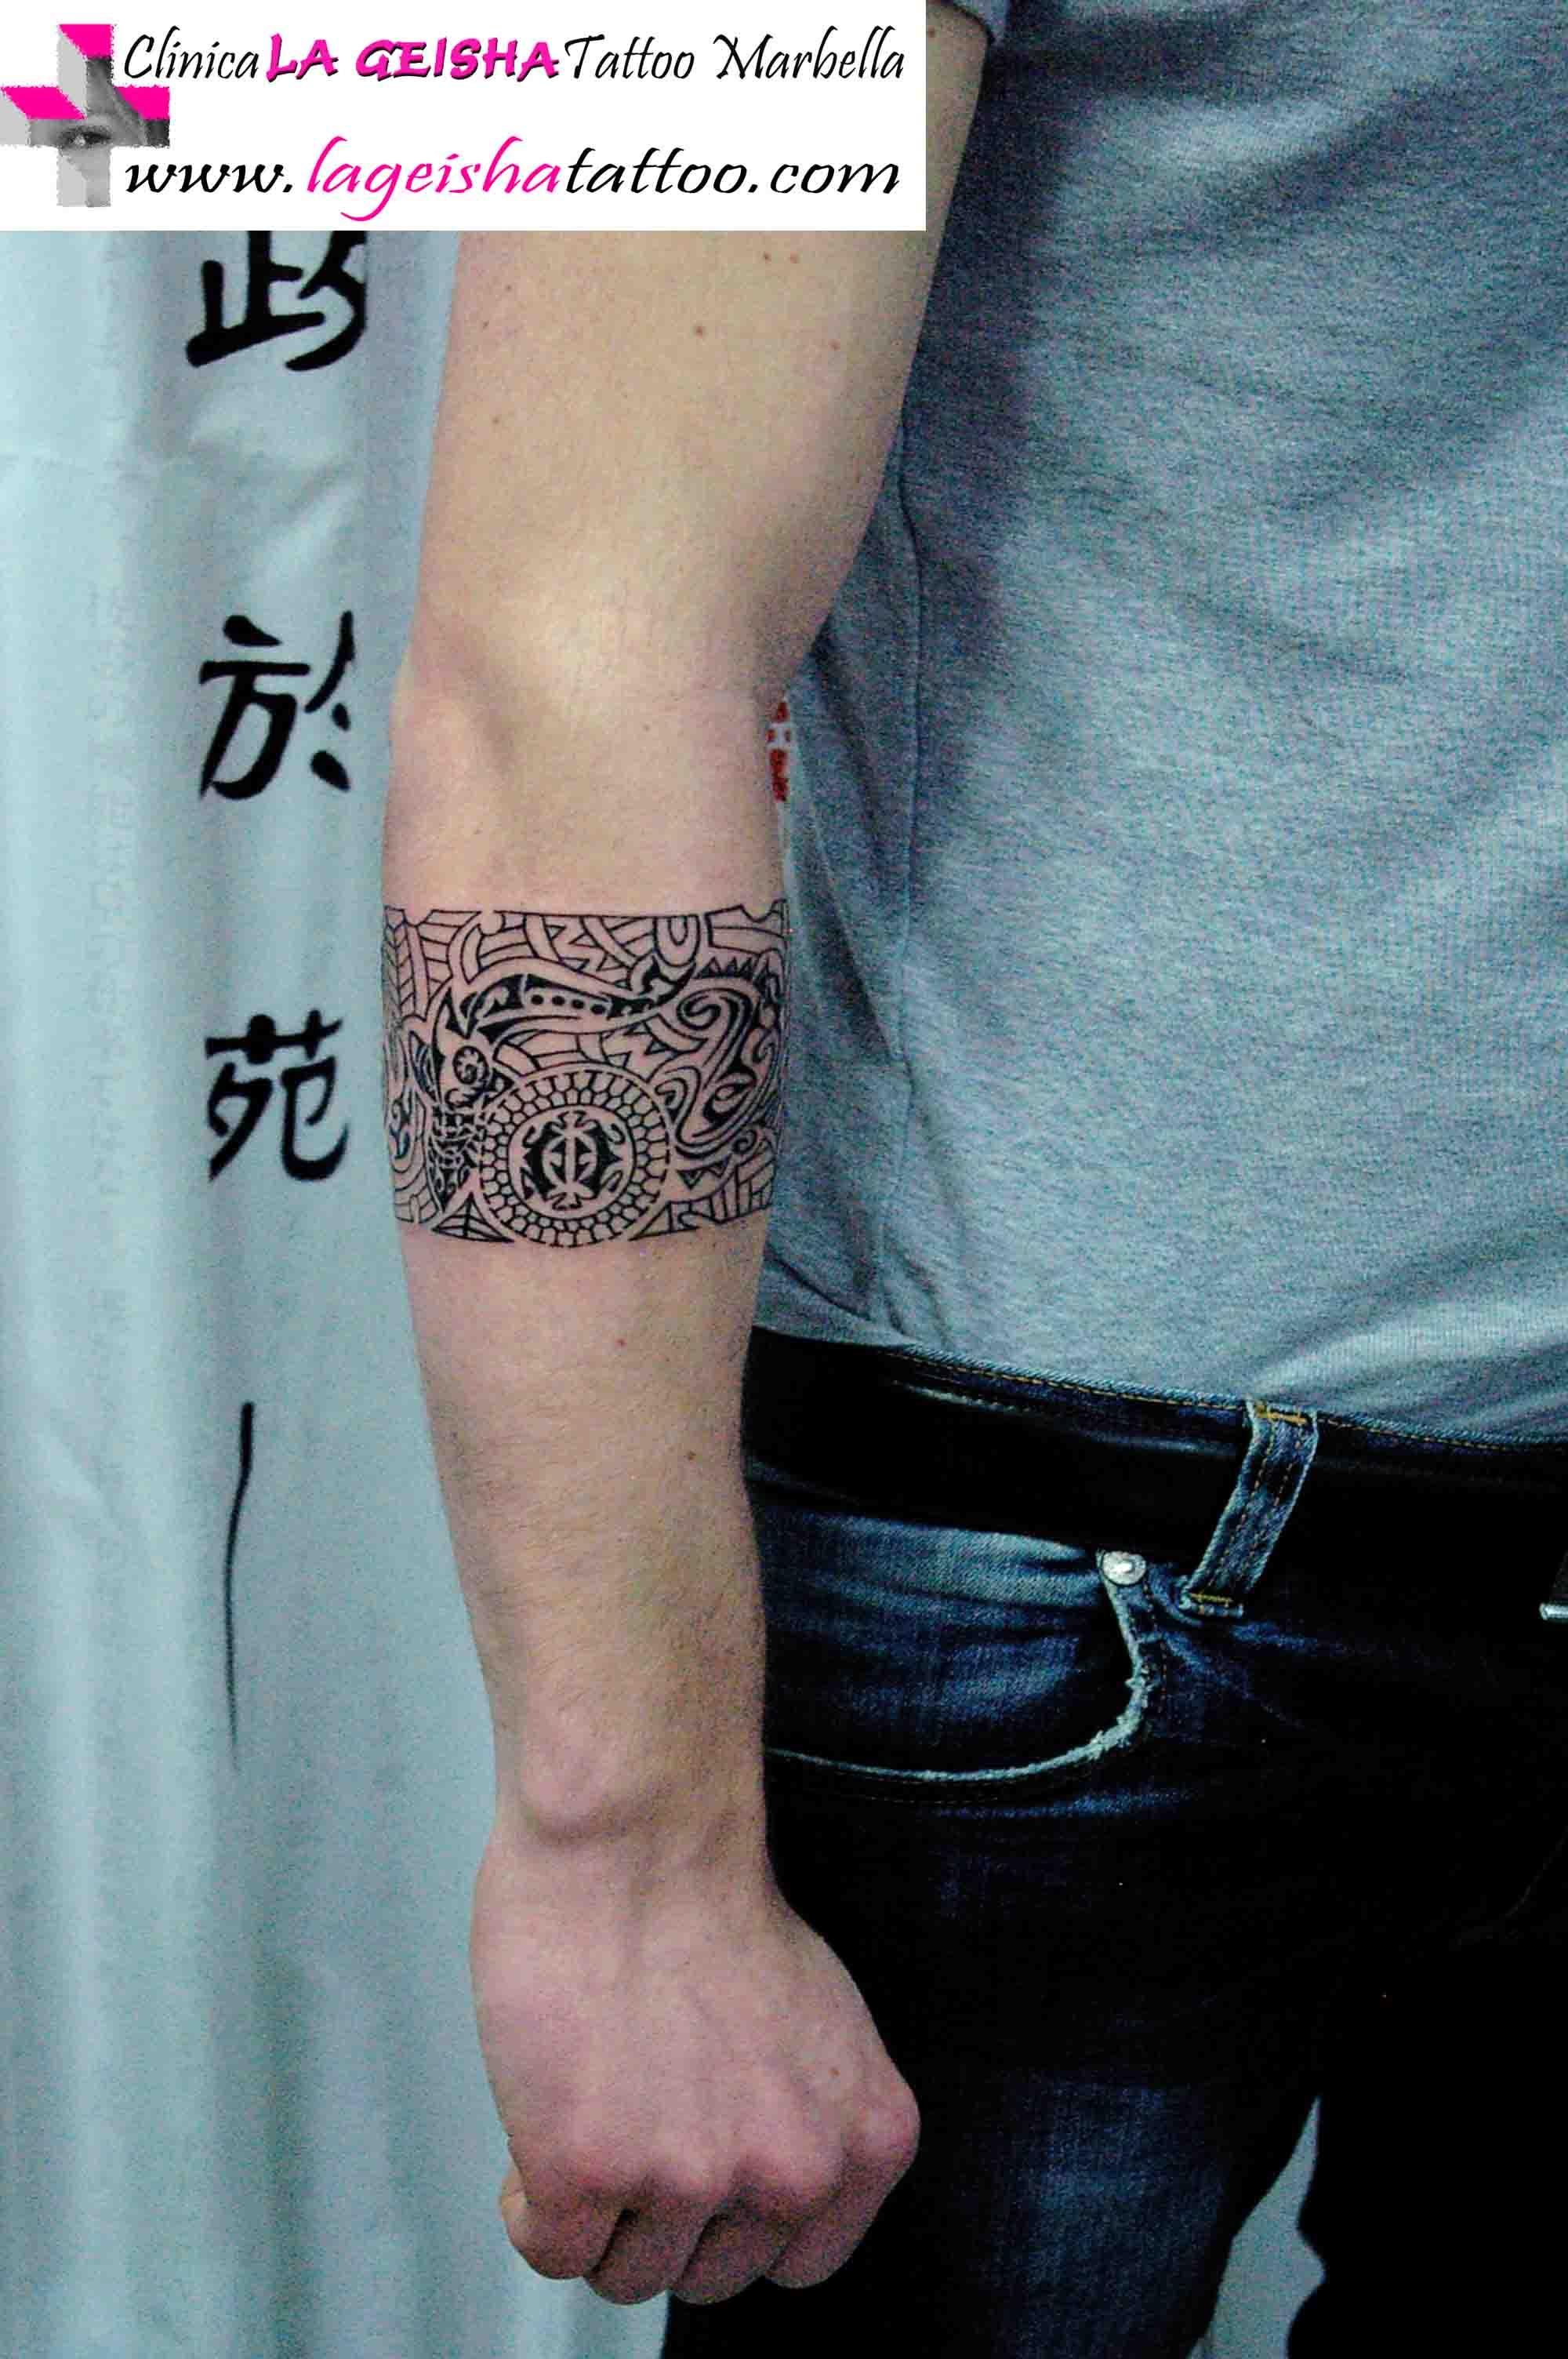 Detallado Tatuaje Brazalete Personalizado Con Mezcla De Simbolos